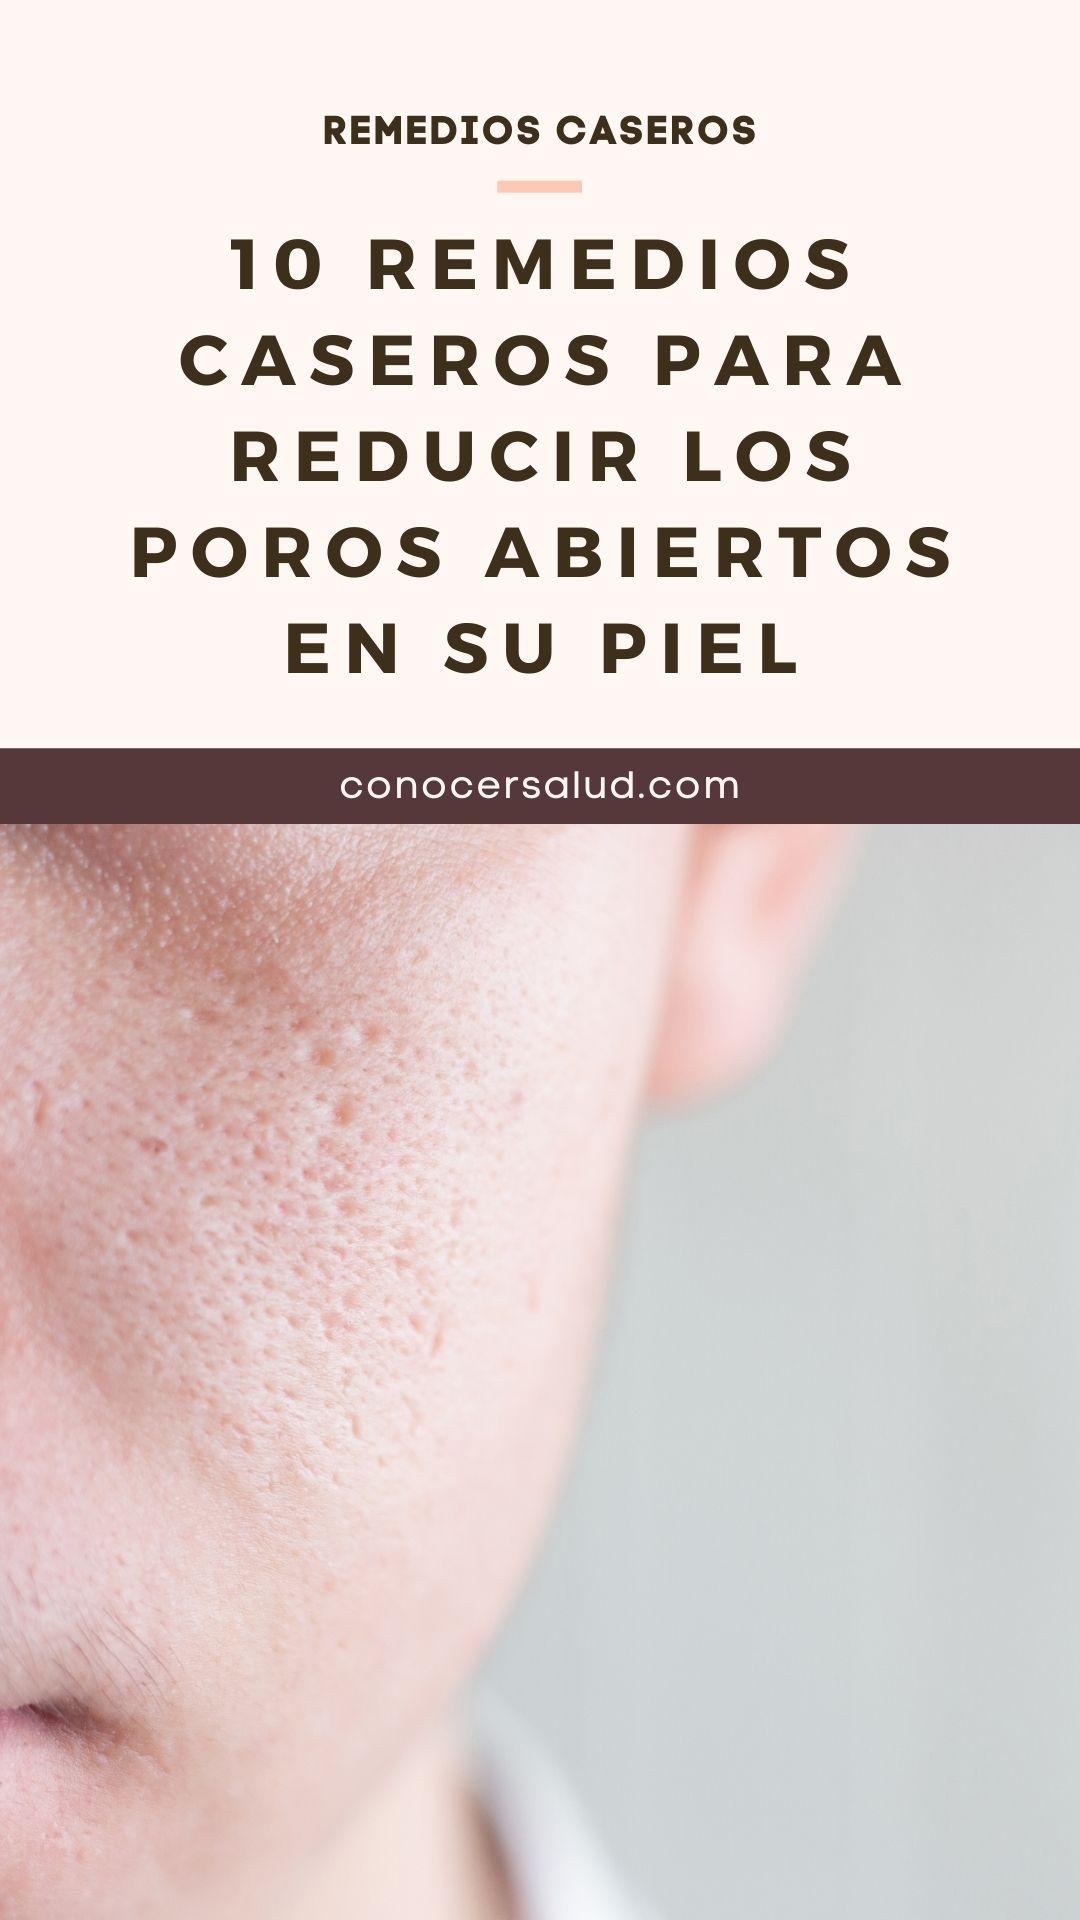 10 Remedios Caseros Para Reducir Los Poros Abiertos En Su Piel